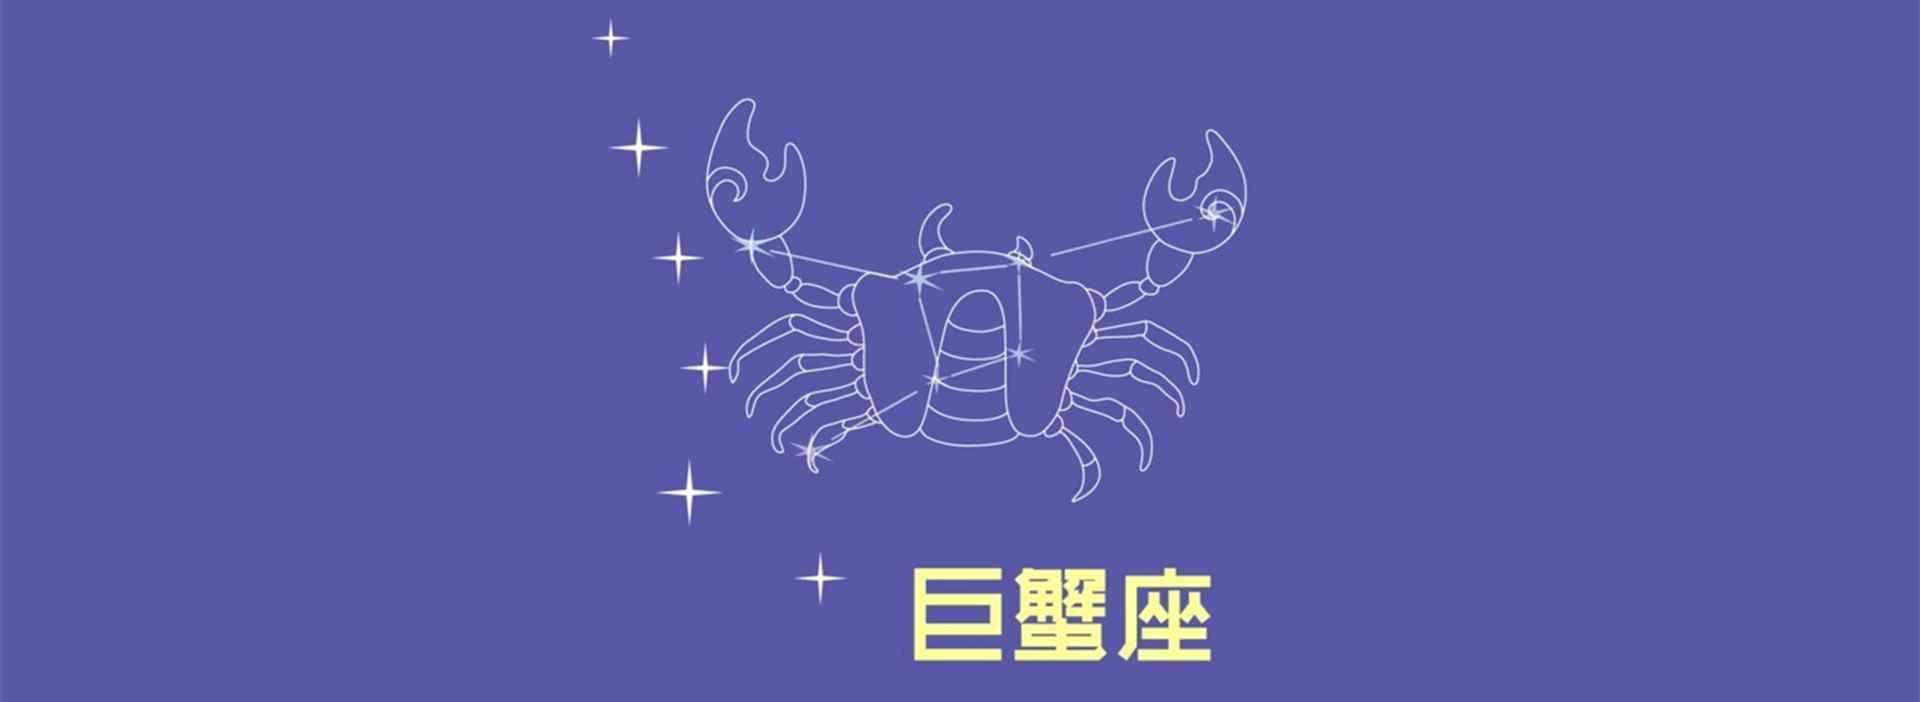 巨蟹座_十二星座巨蟹座_巨蟹座女生、男生_巨蟹座星座壁纸